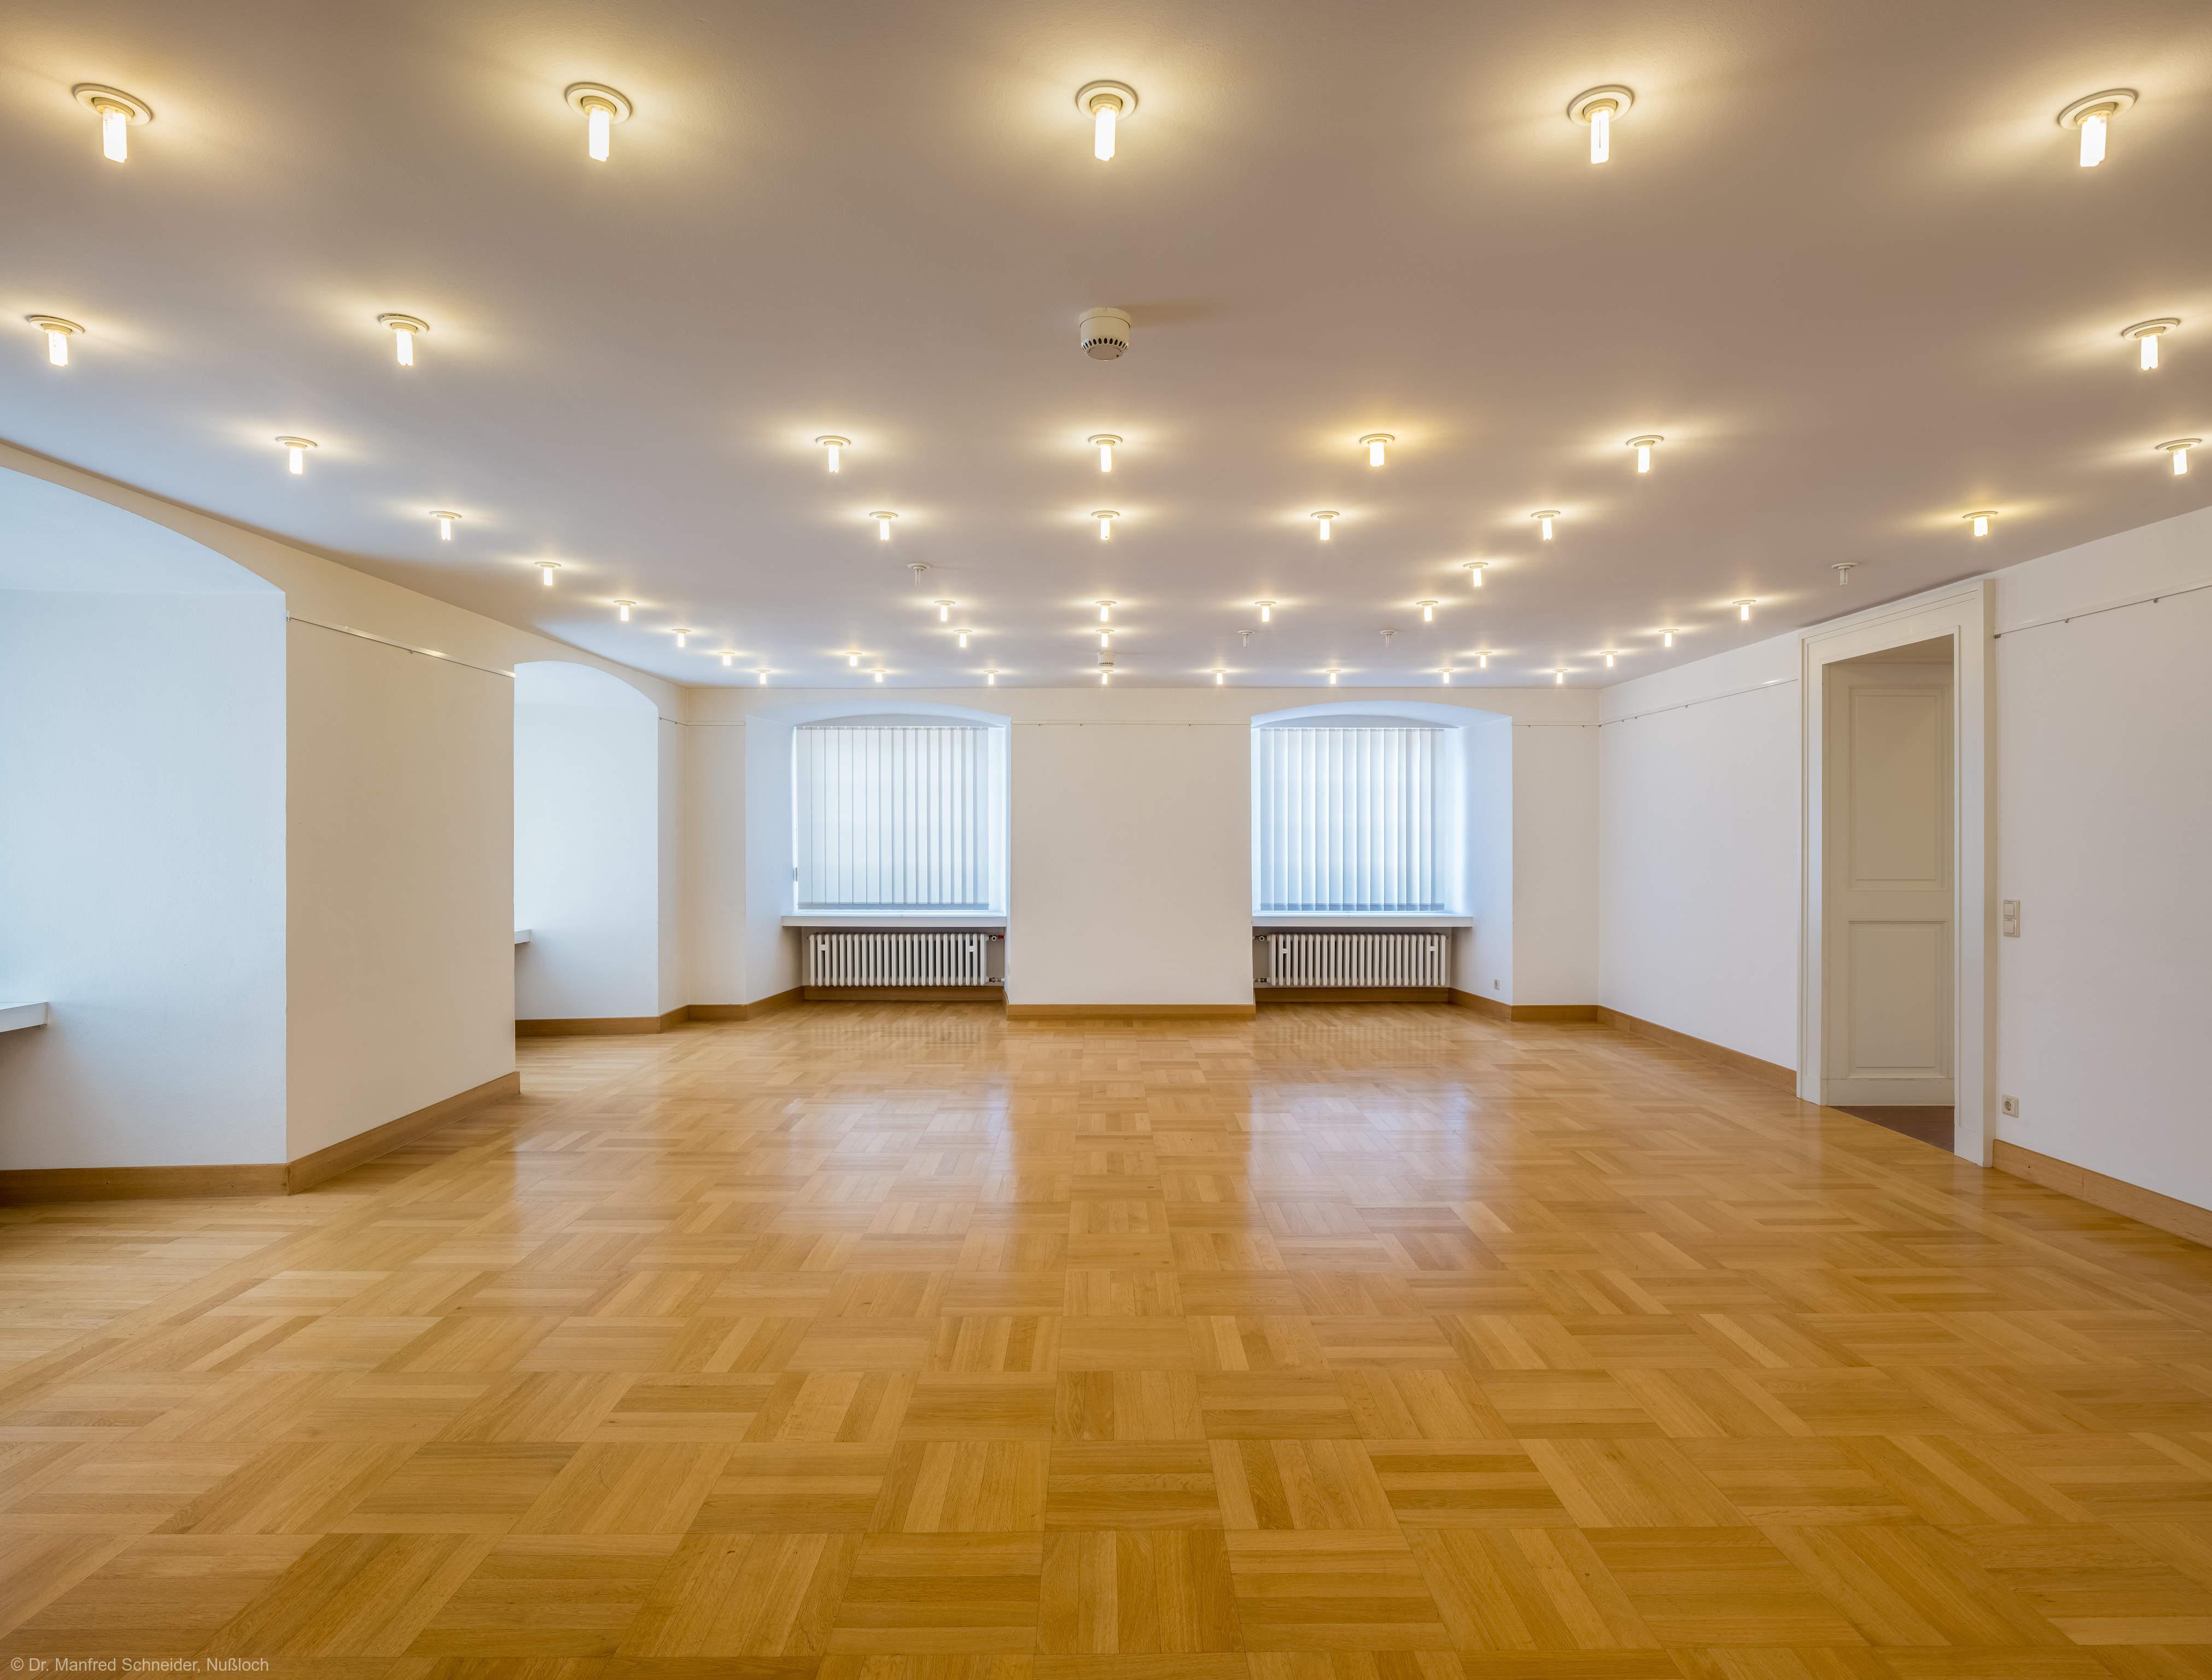 """Schloss Bruchsal - Hauptbau / Corps de Logis - Von innen - Zwischengeschoss / 1. Obergeschoss, Südhälfte - Raum """"Huttensaal"""" (Größe: 63 m², Reihenbestuhlung: max. 40 Personen) - Blick nach Westen in den Raum, rechts die Tür zum Styrumsaal (aufgenommen im Juni 2021, am Nachmittag)"""